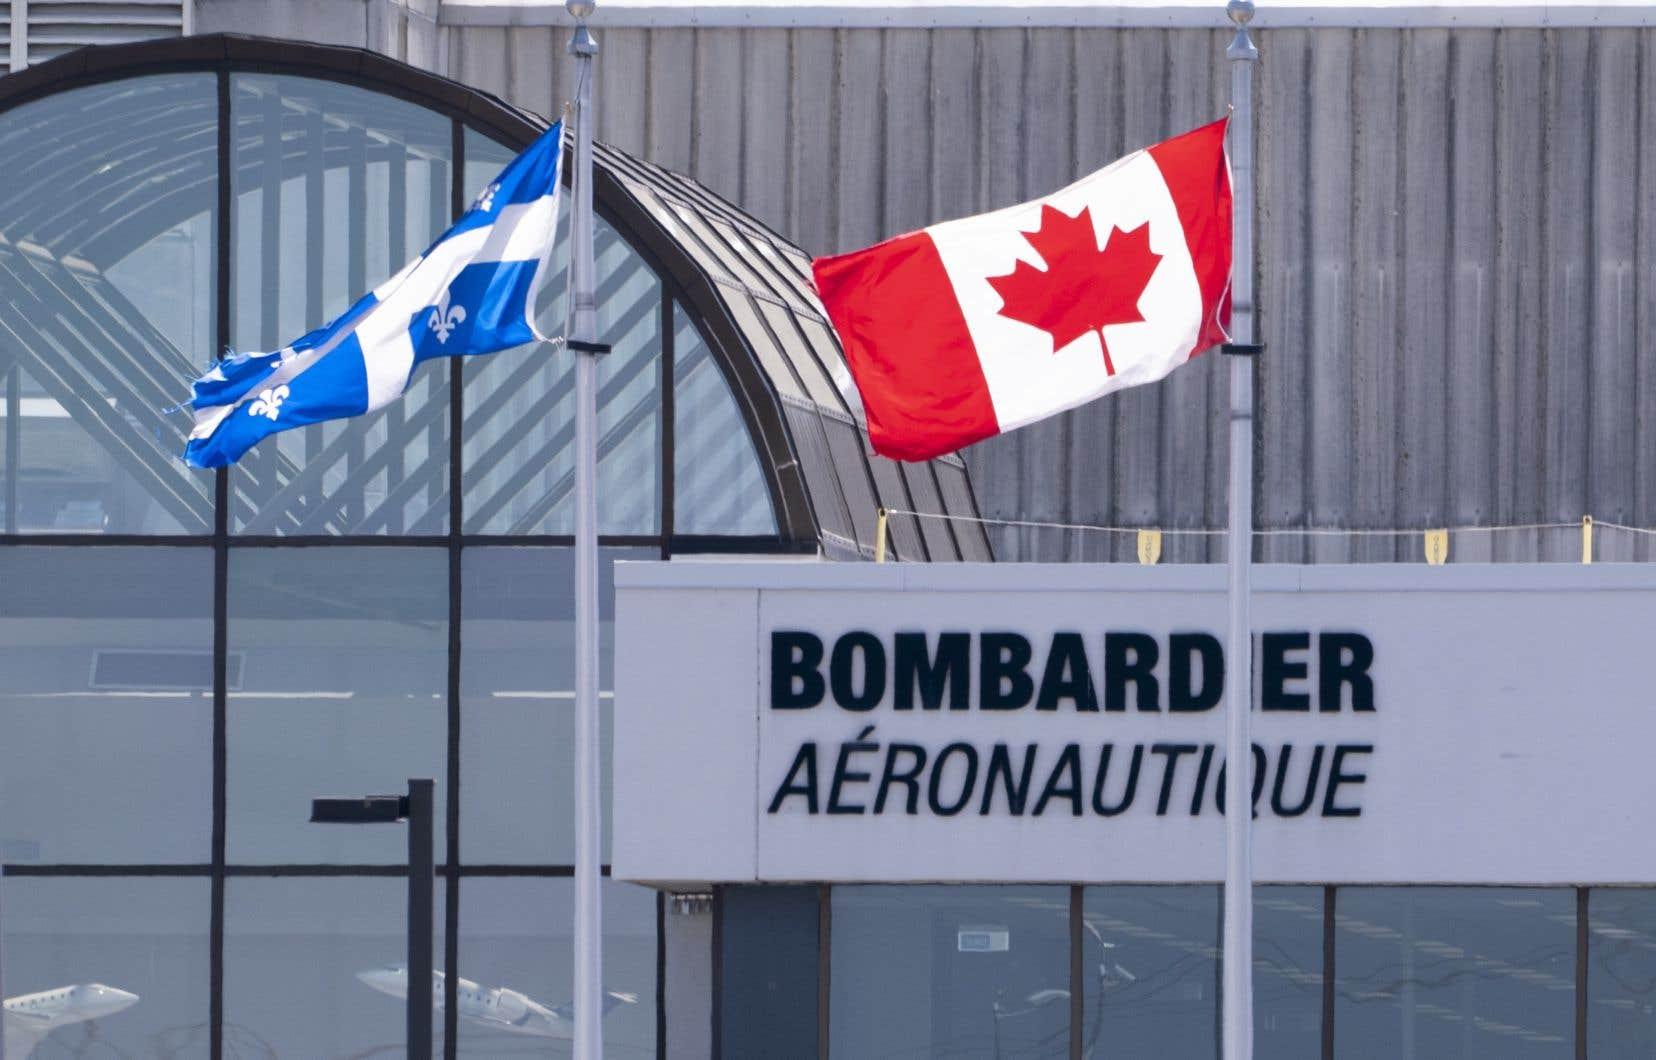 À la fin de juin, l'encaisse de Bombardier totalisait 1,7milliard et la société avait également accès à 700millions en financement.